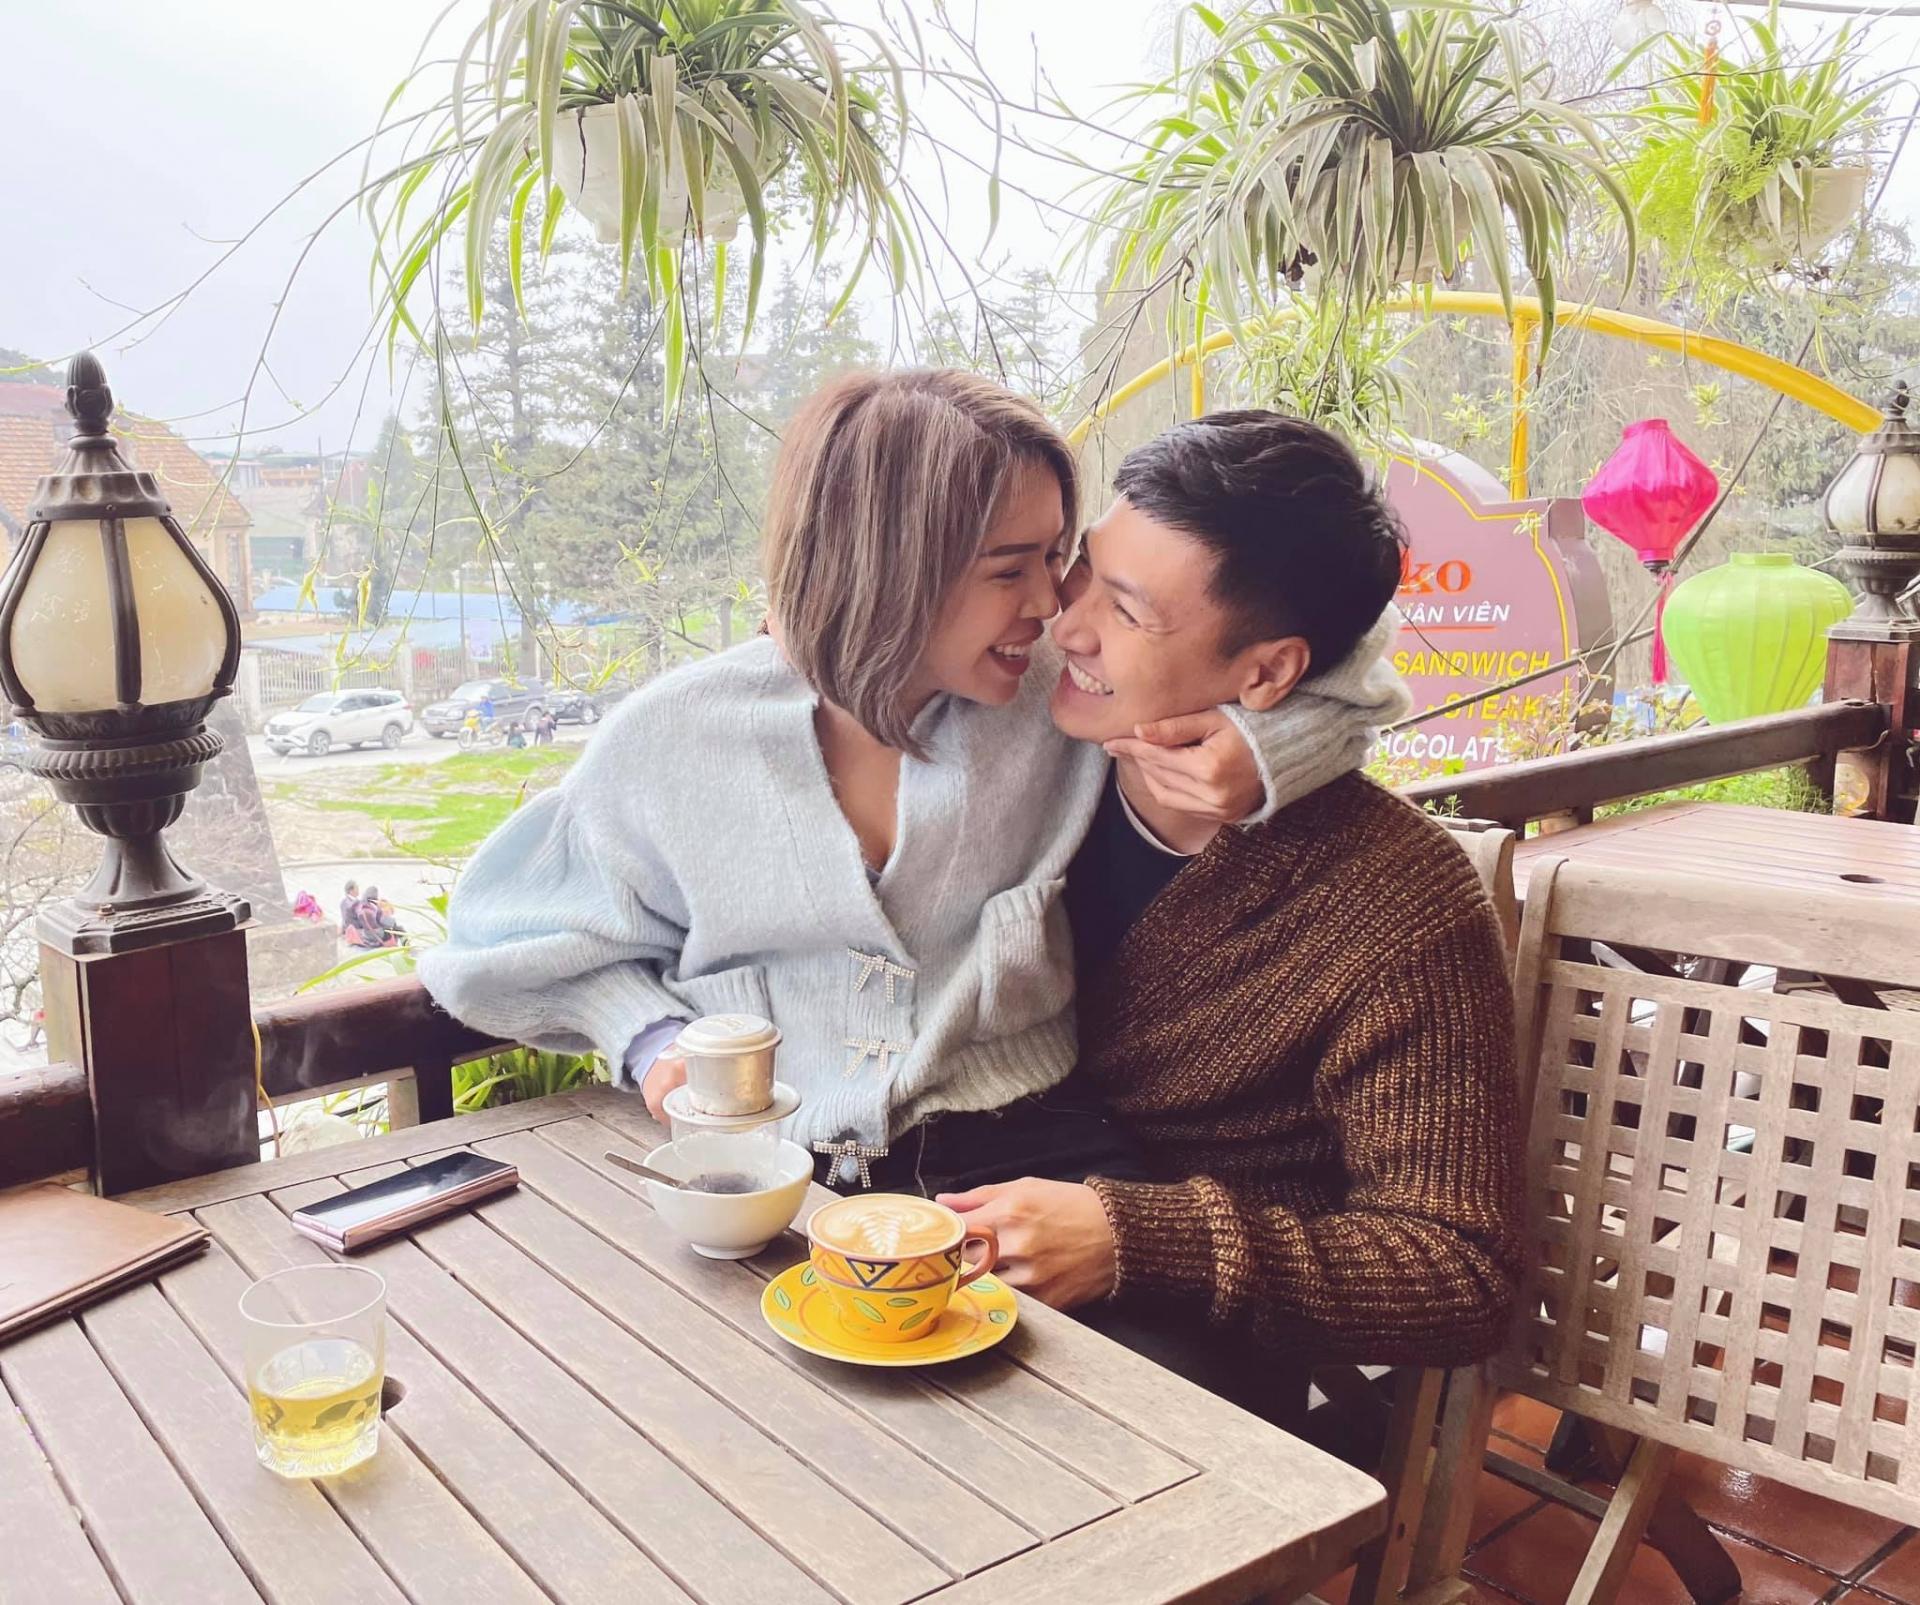 هونگ دانگ داستان ظریف ازدواج من تروونگ و همسرش را